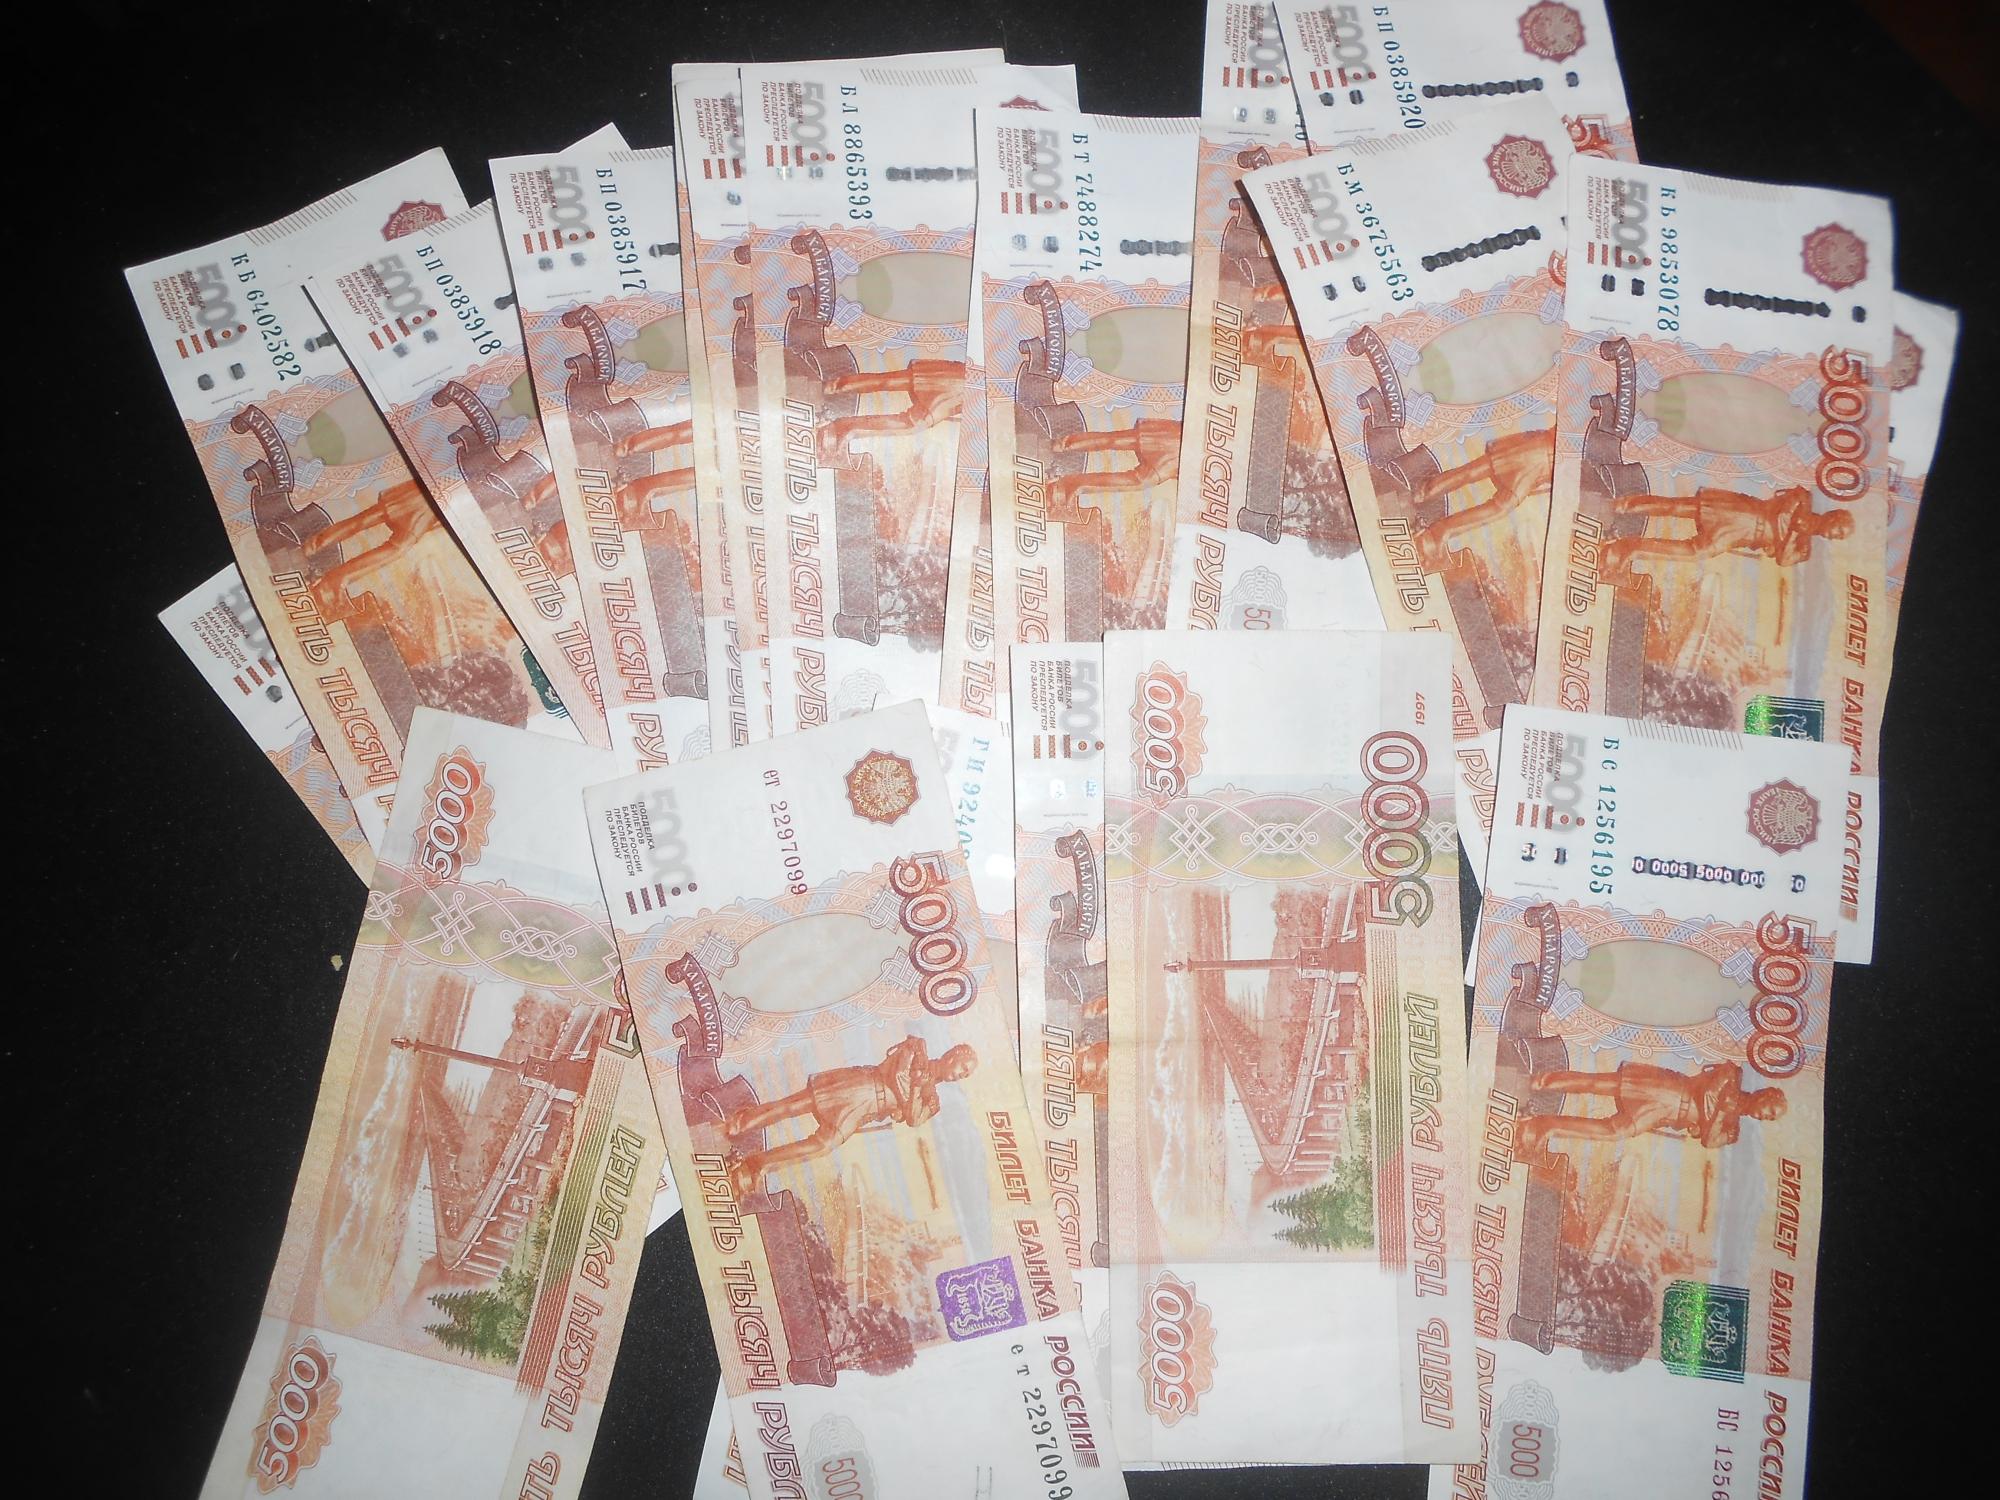 ВВолгограде задержана обманывавшая стариков 46-летняя женщина